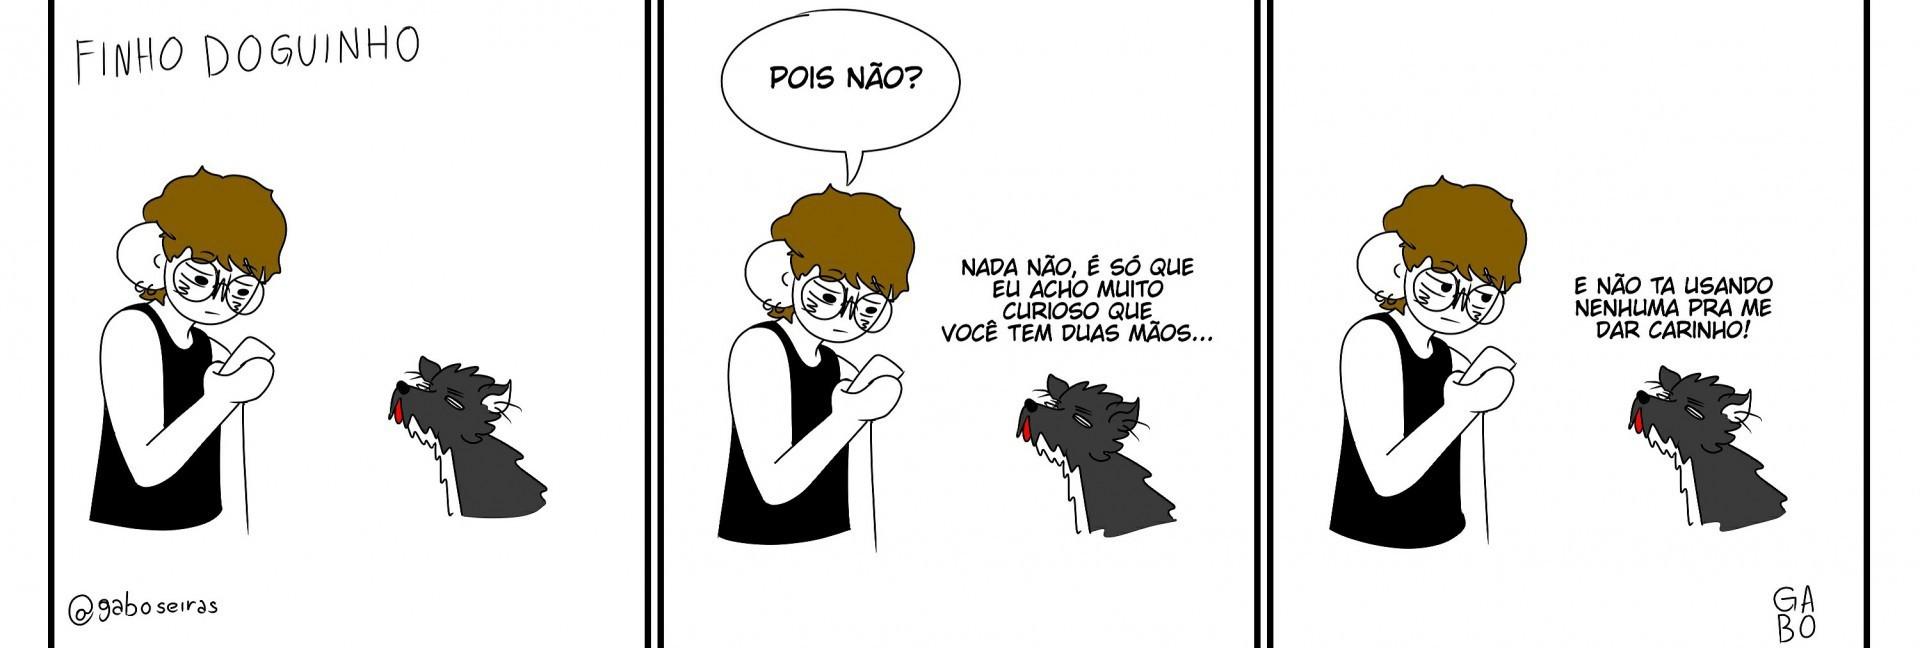 Tira Finho Doguinho, de Gabriel Amaral, para o Vida&Arte